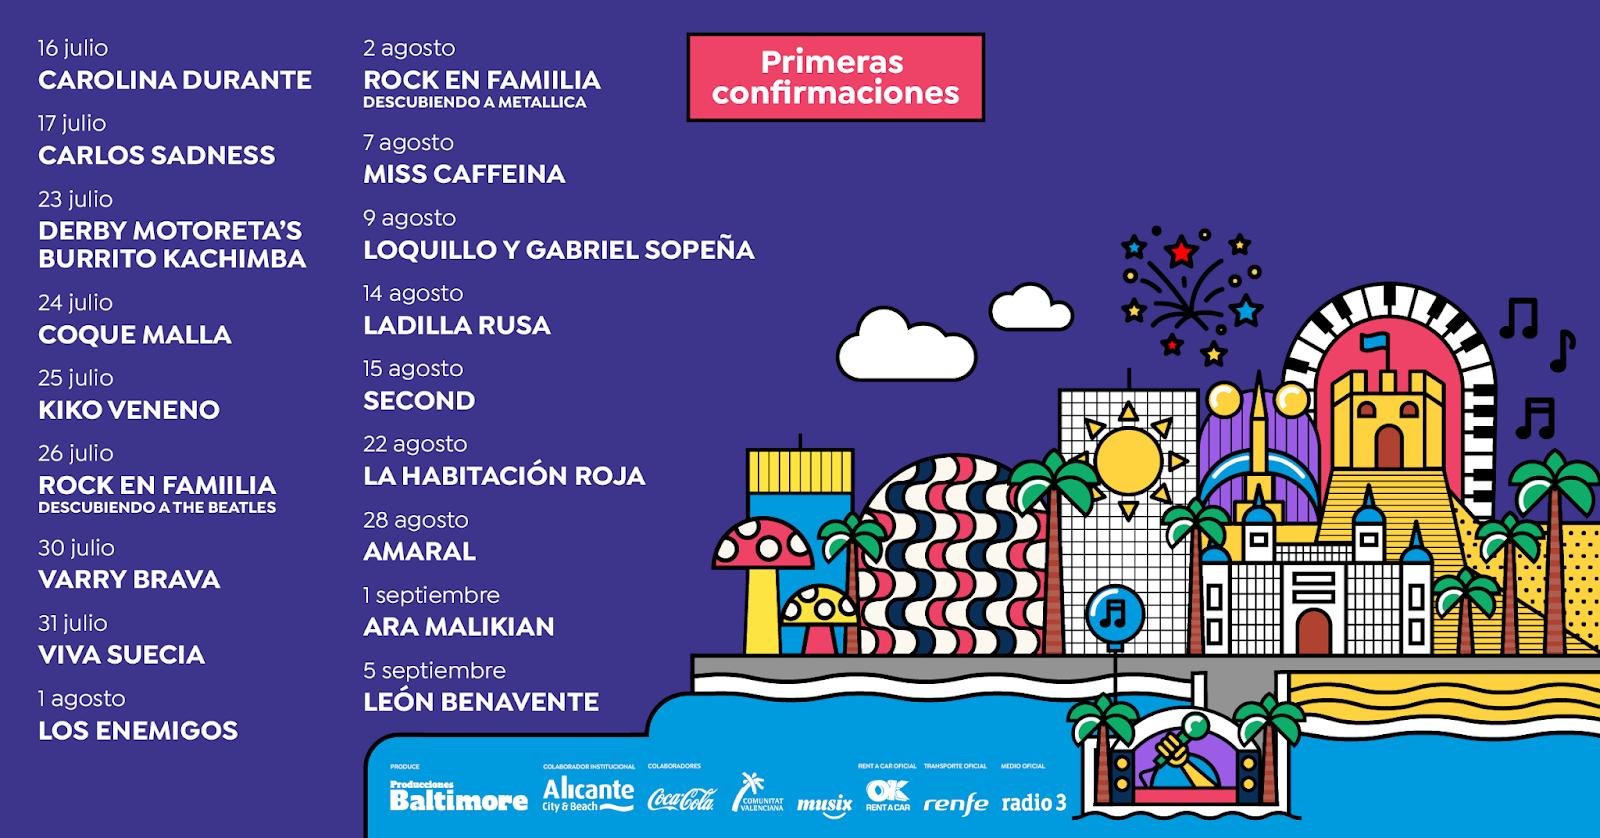 Noches Mediterráneas en Alicante: León Benavente, Second, Amaral, Viva Suecia, Coque Malla, La Habitación Roja, Loquillo y Gabriel Sopeña…